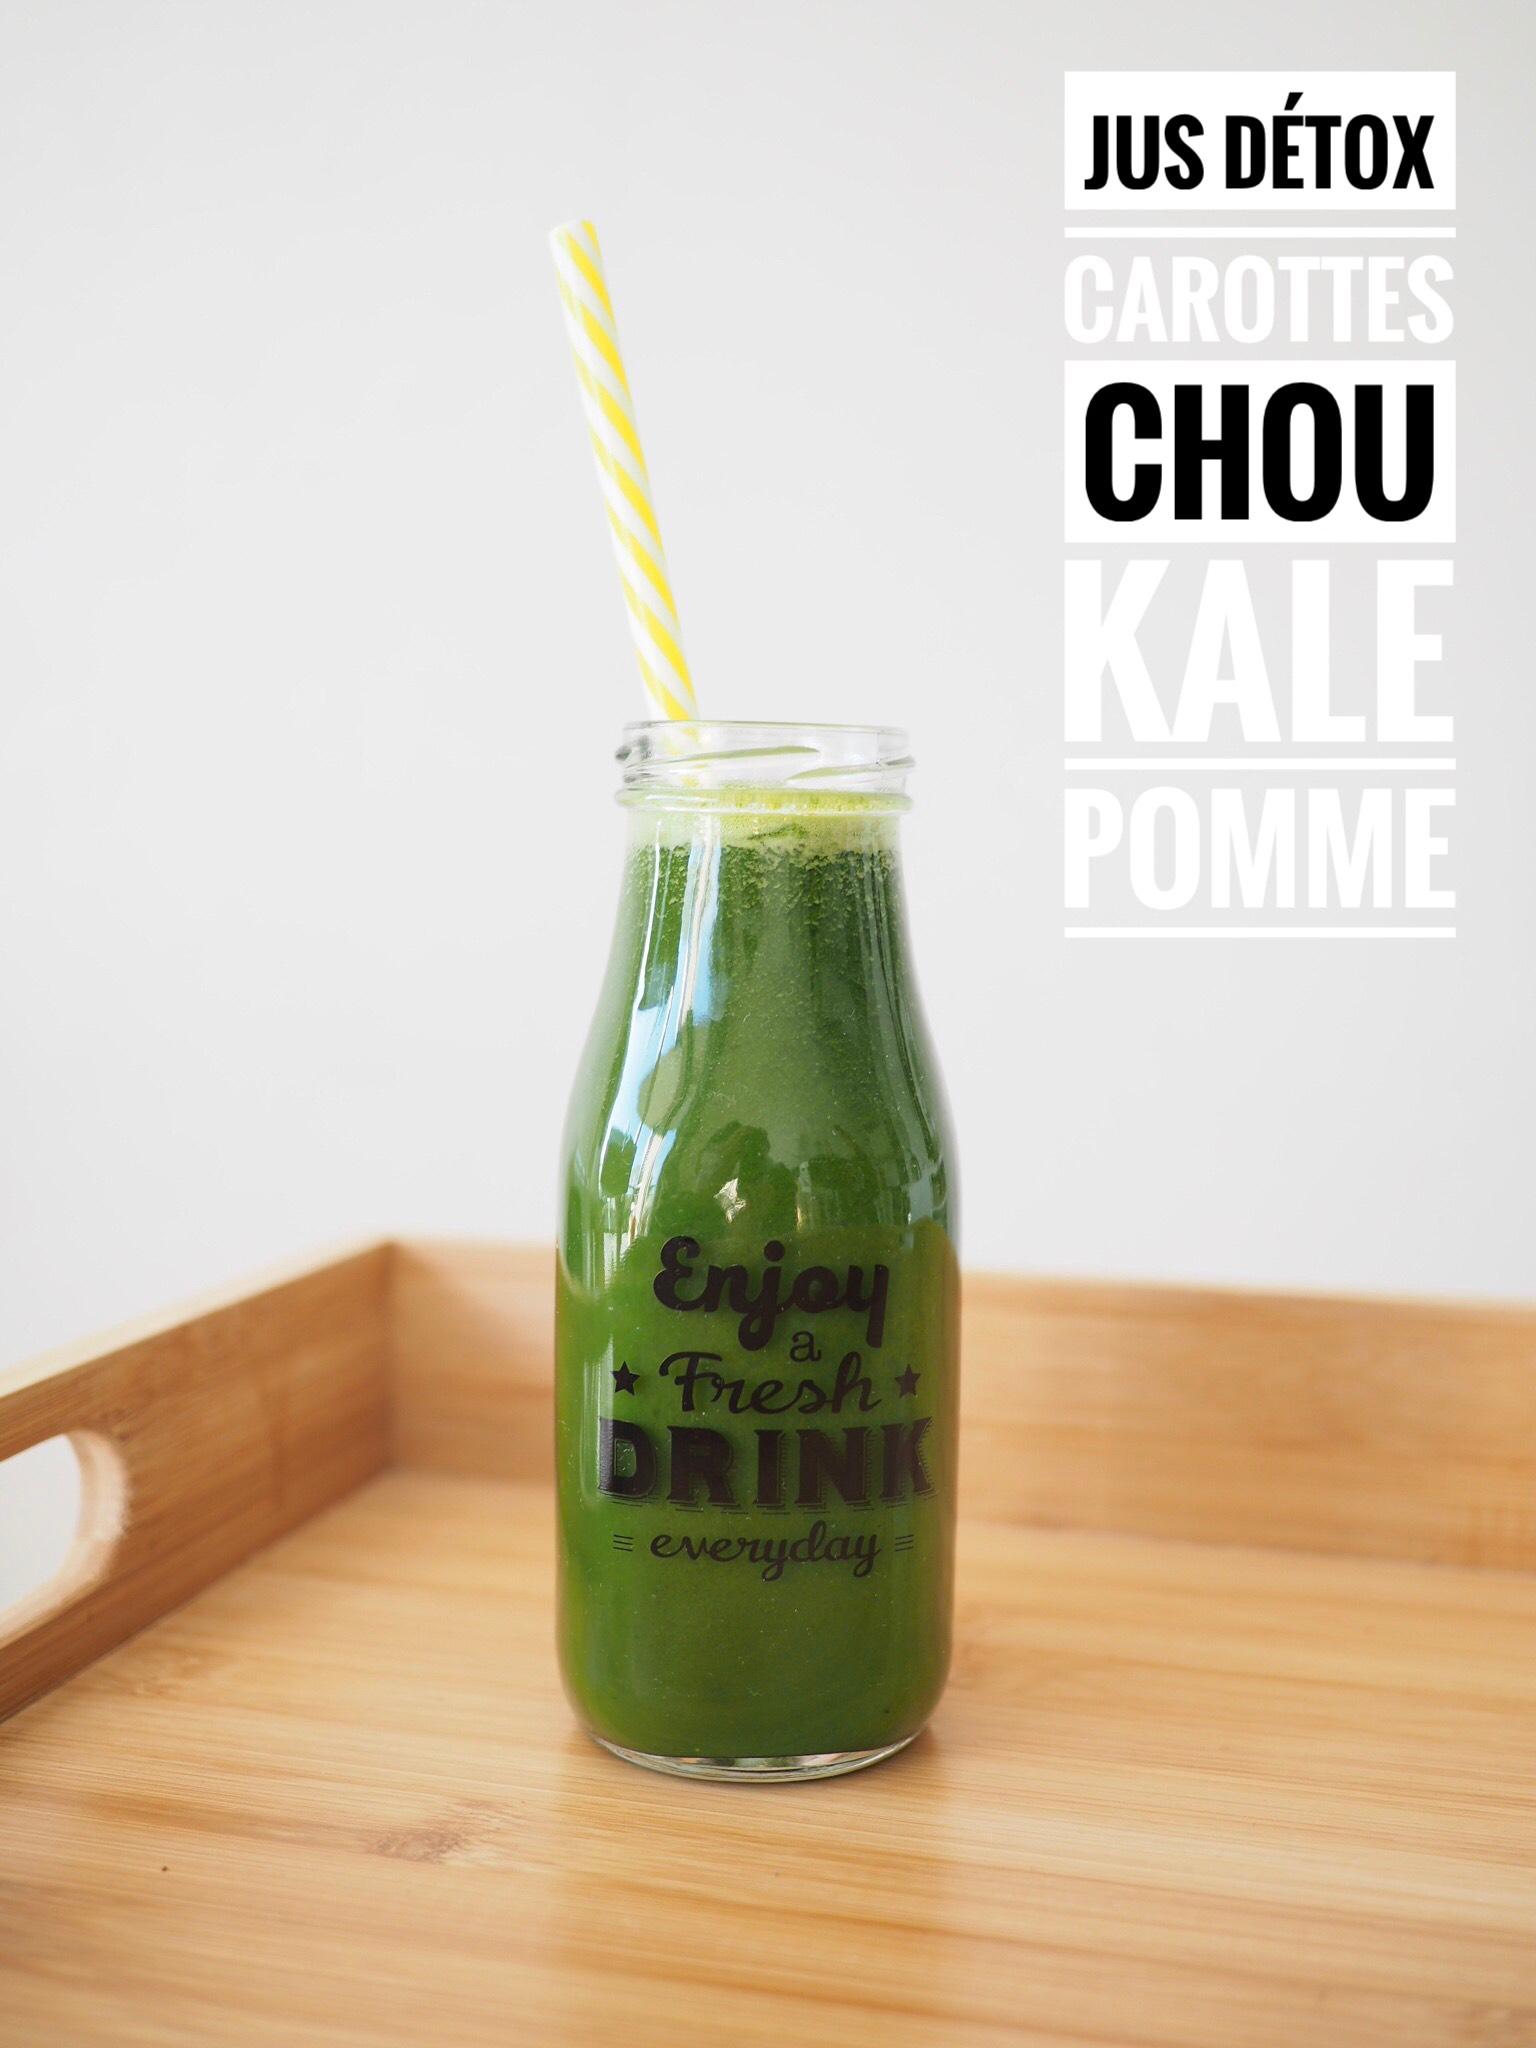 Jus détox | Carottes, Chou kale, Pommes